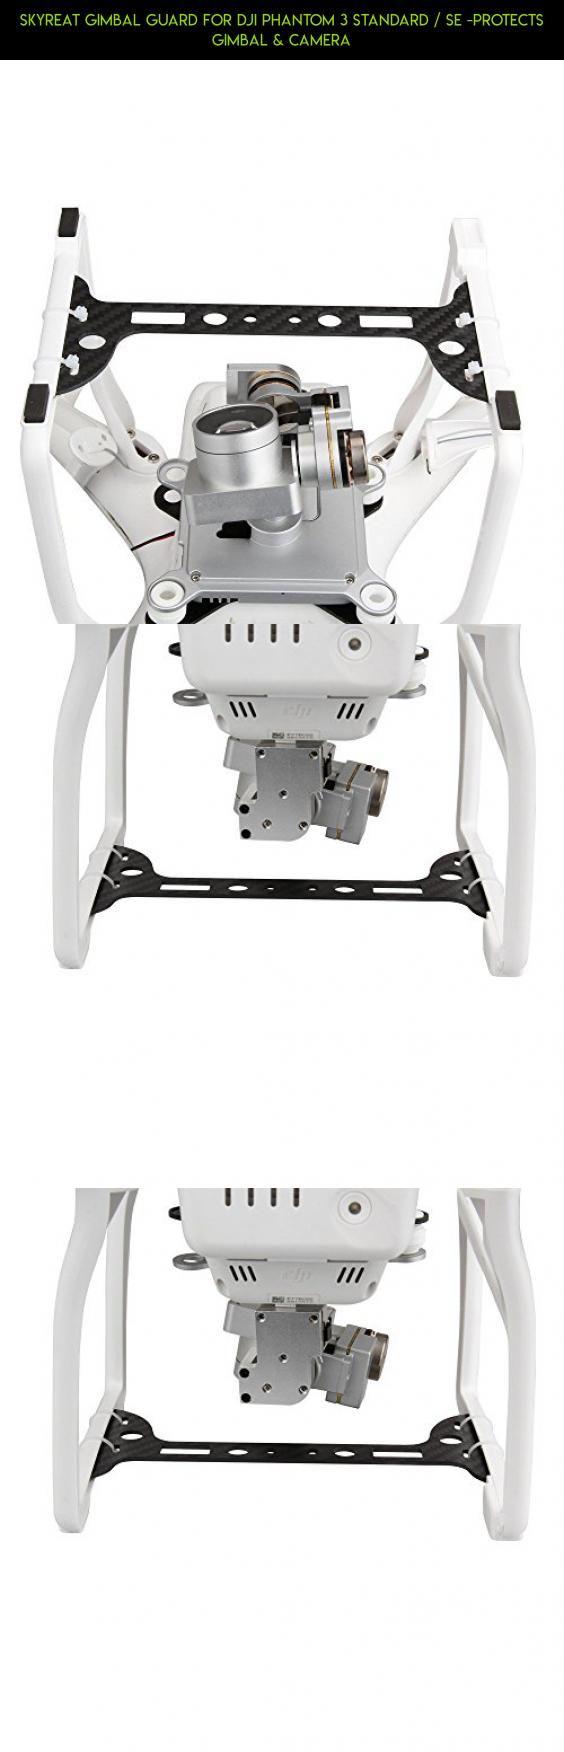 SKYREAT Gimbal Guard for DJI Phantom 3 Standard / SE -Protects Gimbal & Camera #kit #dji #fpv #guard #gadgets #technology #tech #parts #racing #gimbal #products #camera #3 #phantom #drone #shopping #plans #standard